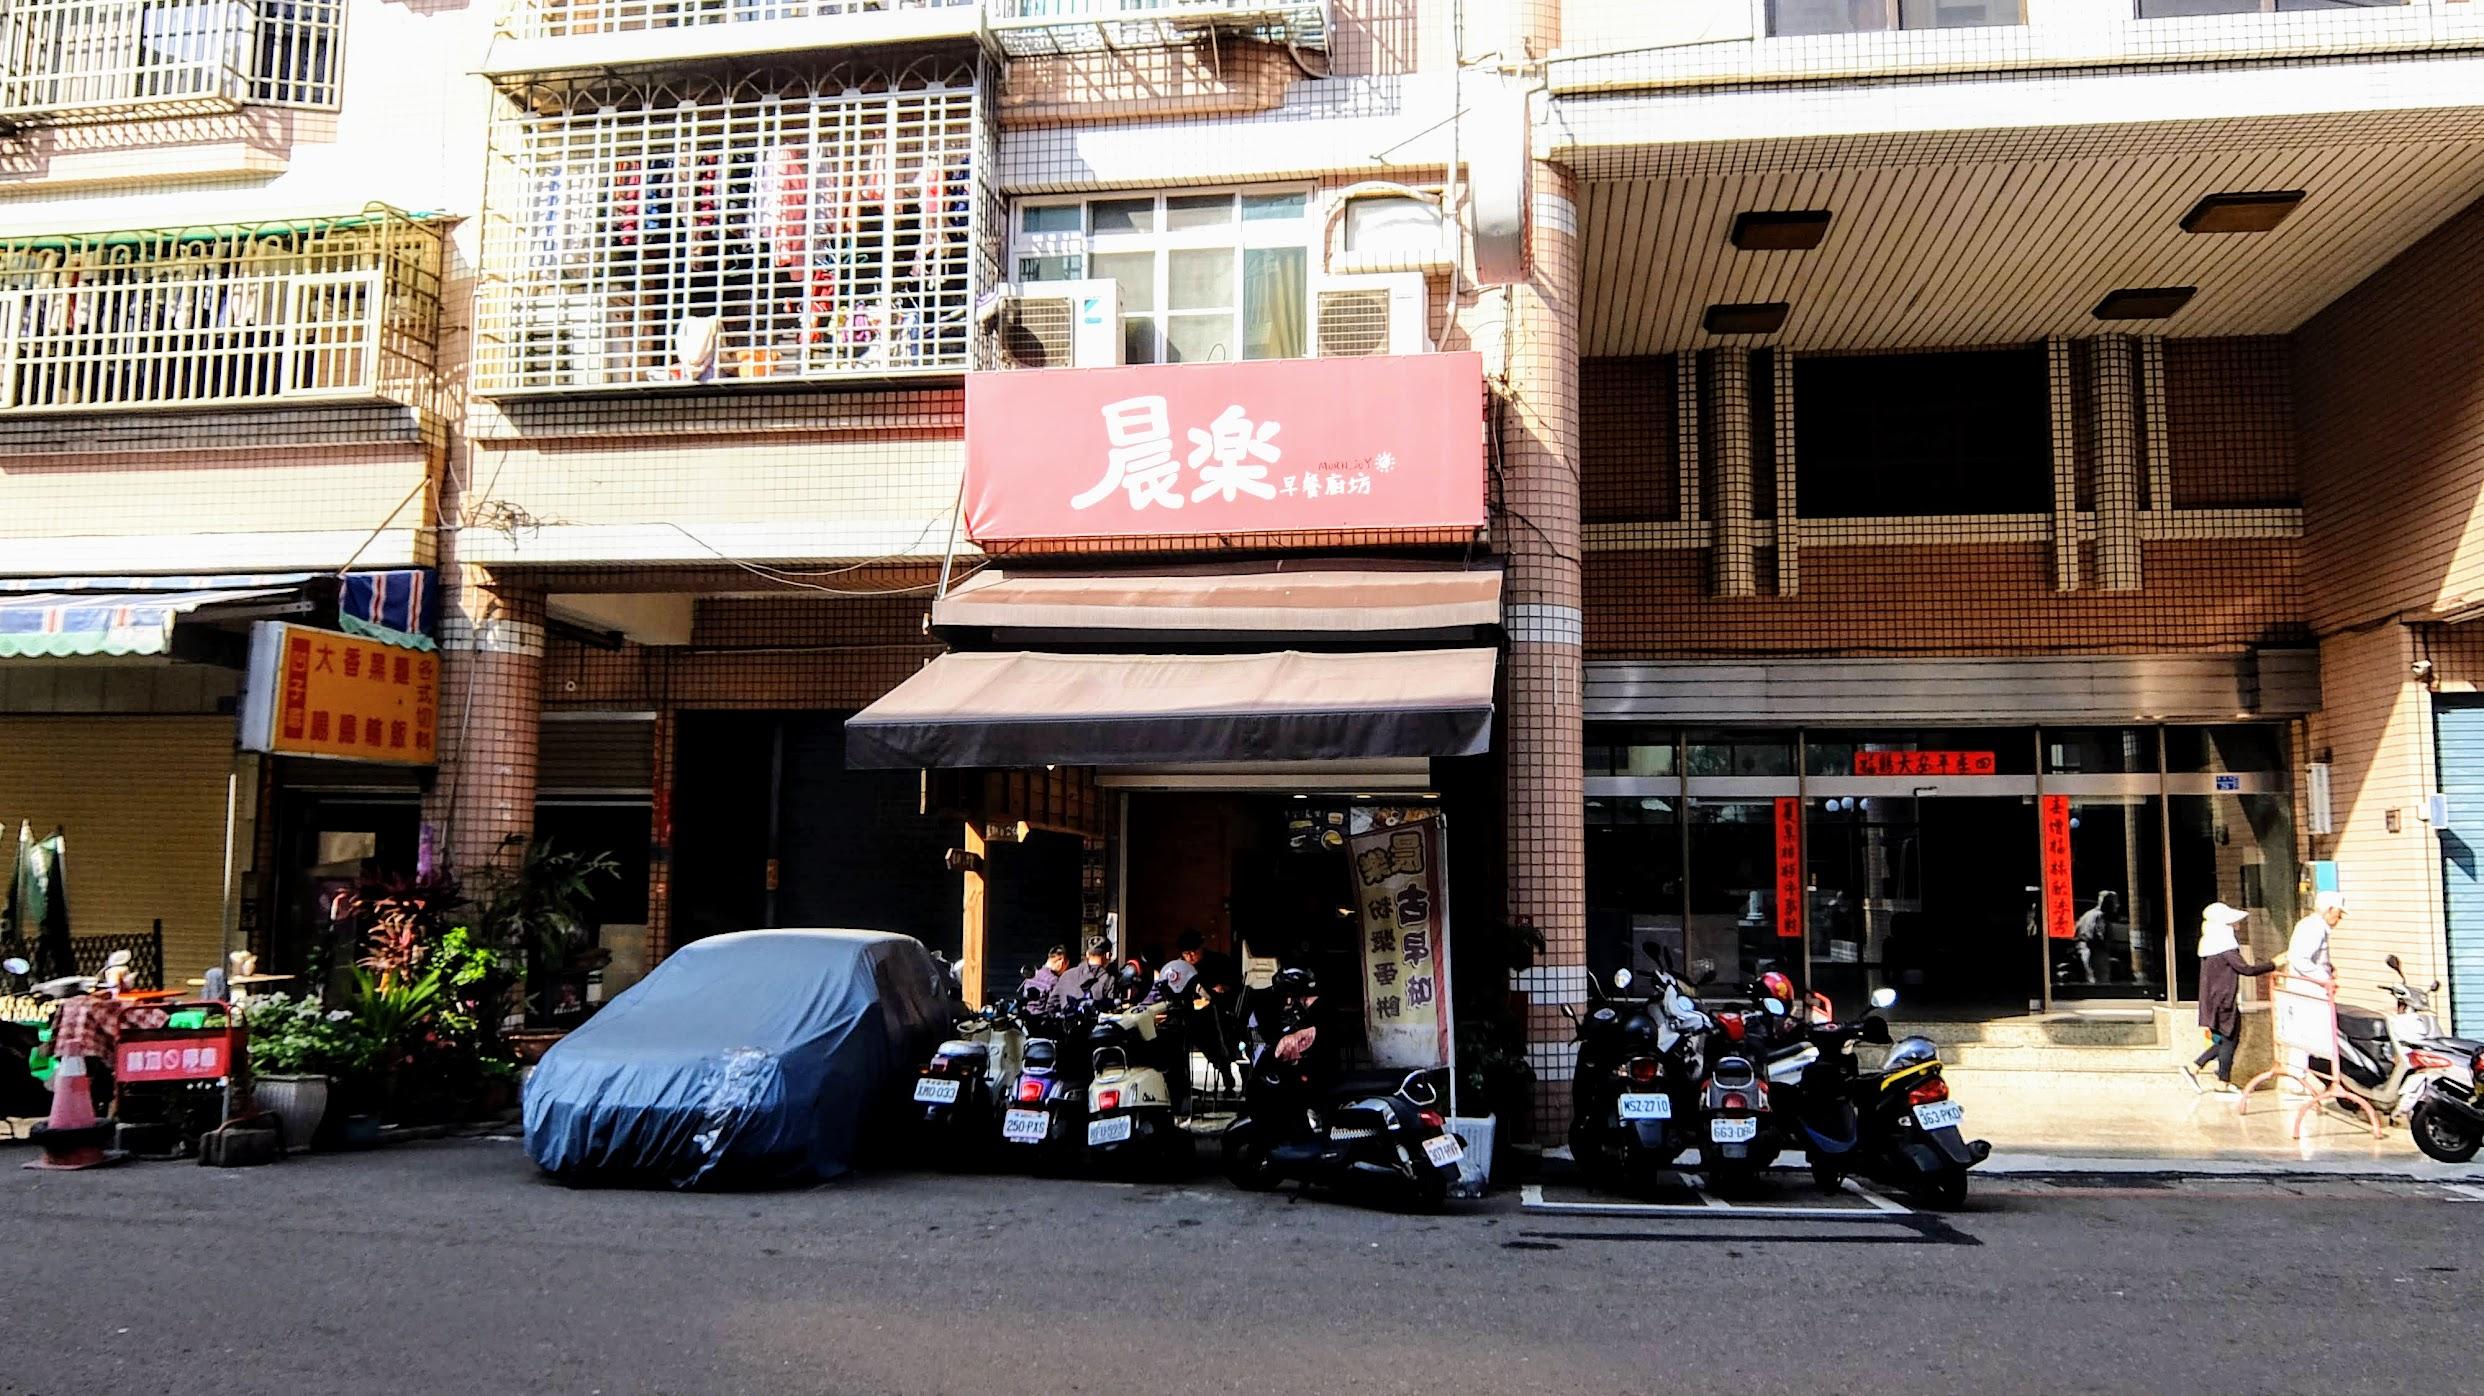 晨樂早餐廚坊,在龍華國小斜對面,很好找喔! 附近也好停車